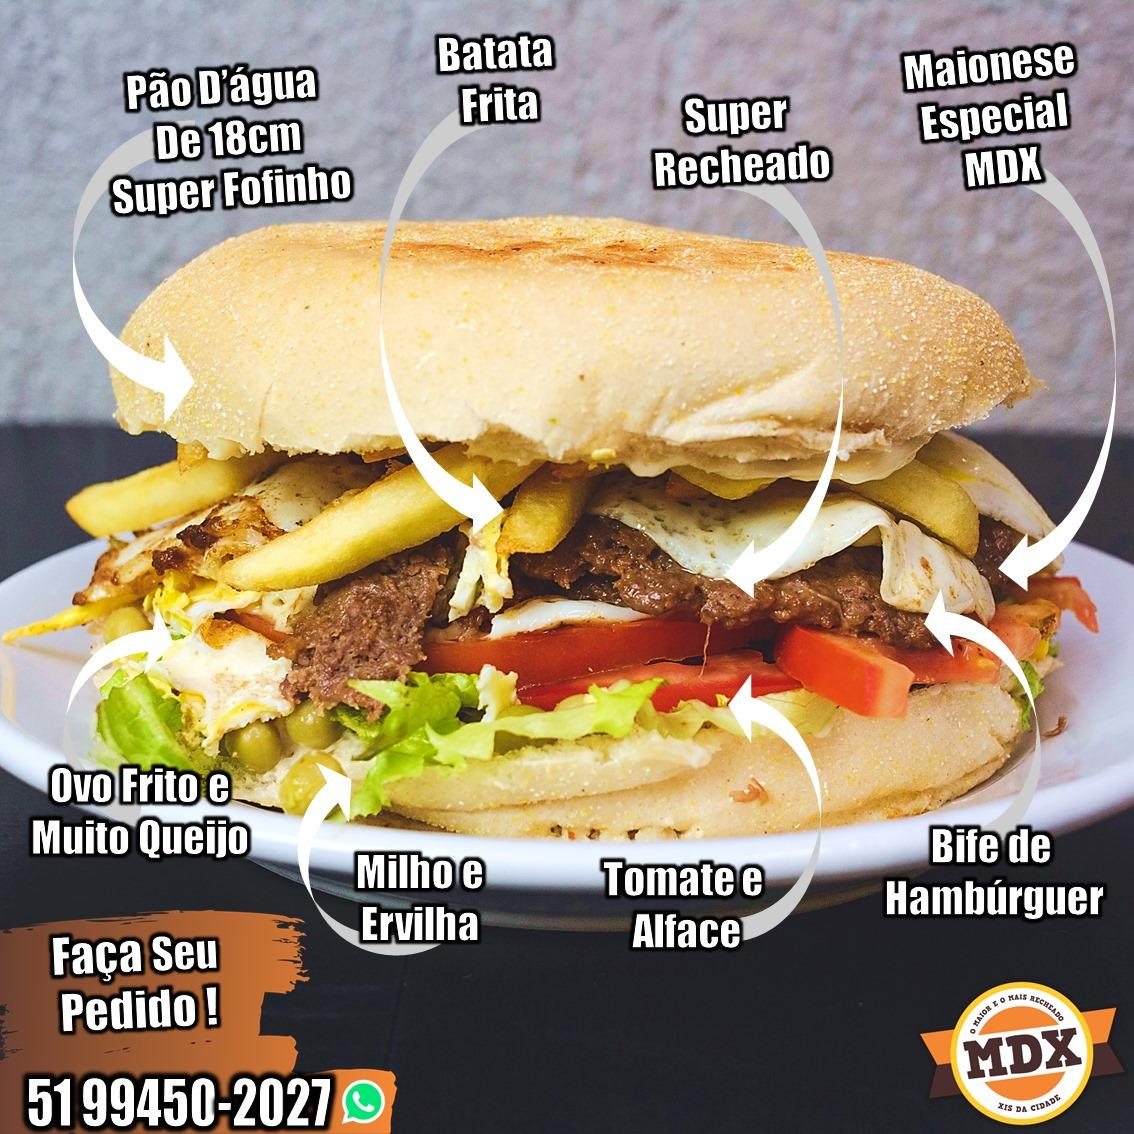 TELE ENTREGA DE LANCHES BARÃO DO AMAZONAS EM PORTO ALEGRE - RS